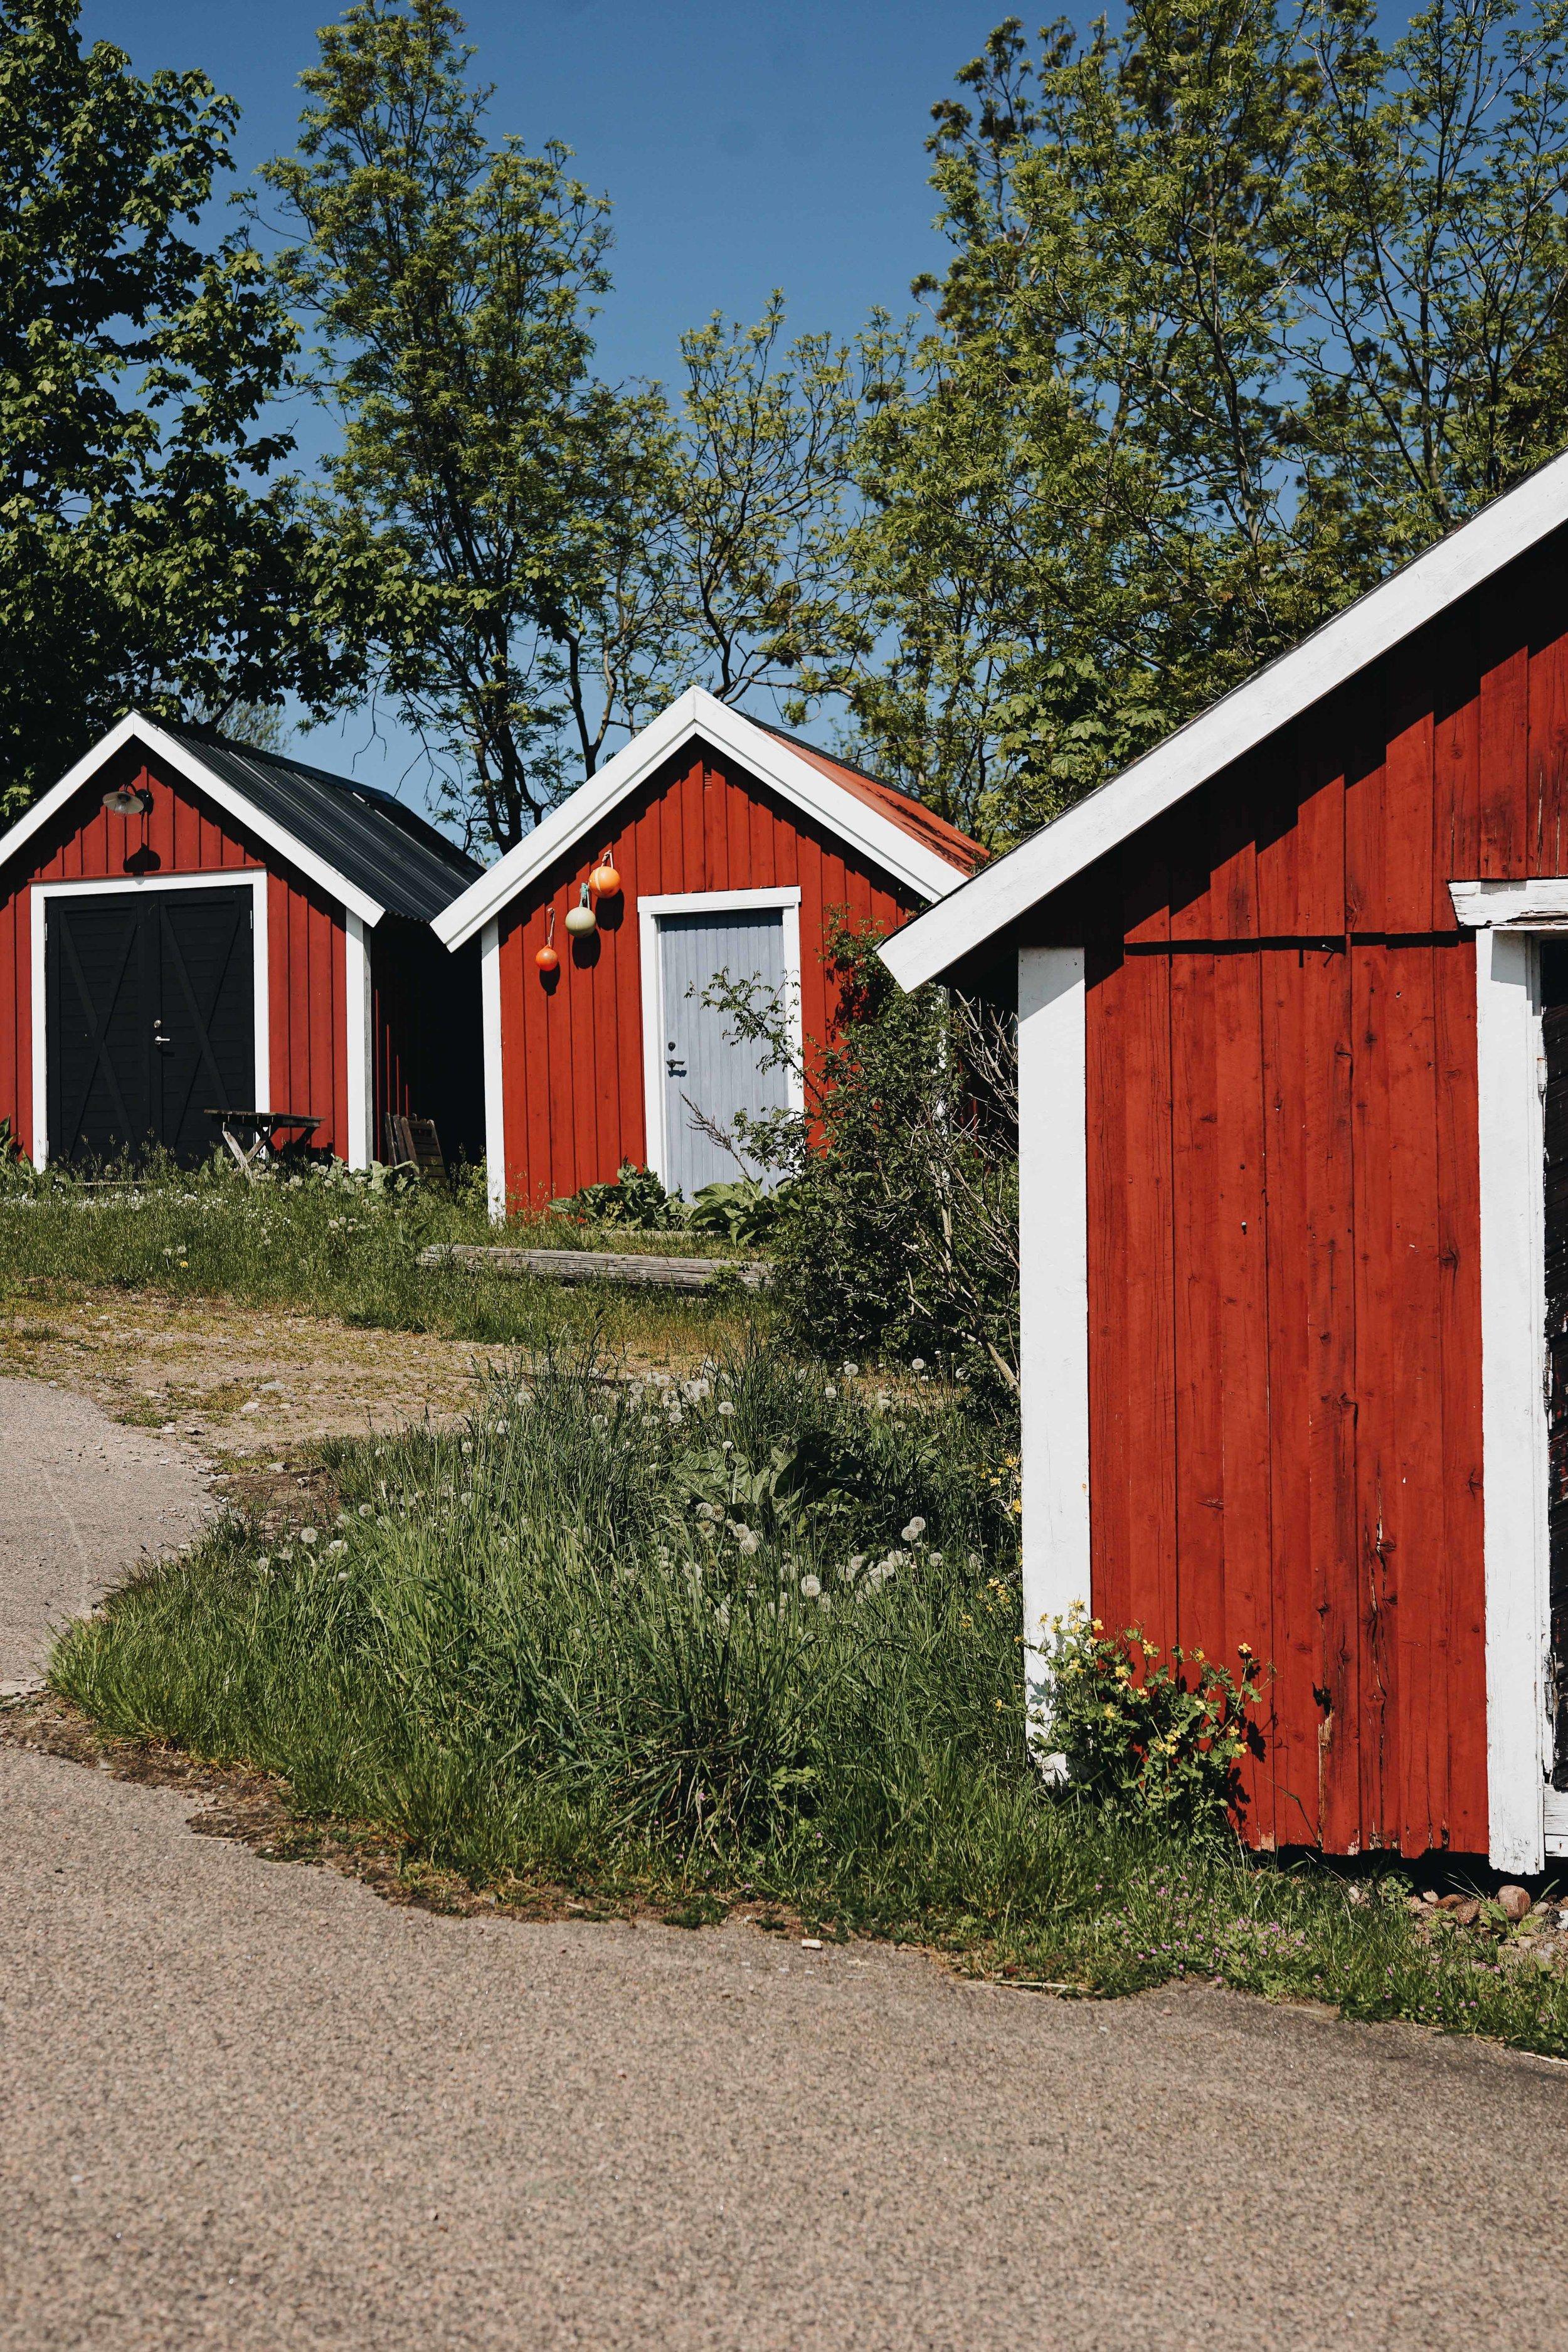 ASROSENVINGE_VisitSkane_Sweden_Kattvik_Harbour_Fishing_Sheds_LowRes-190.jpg